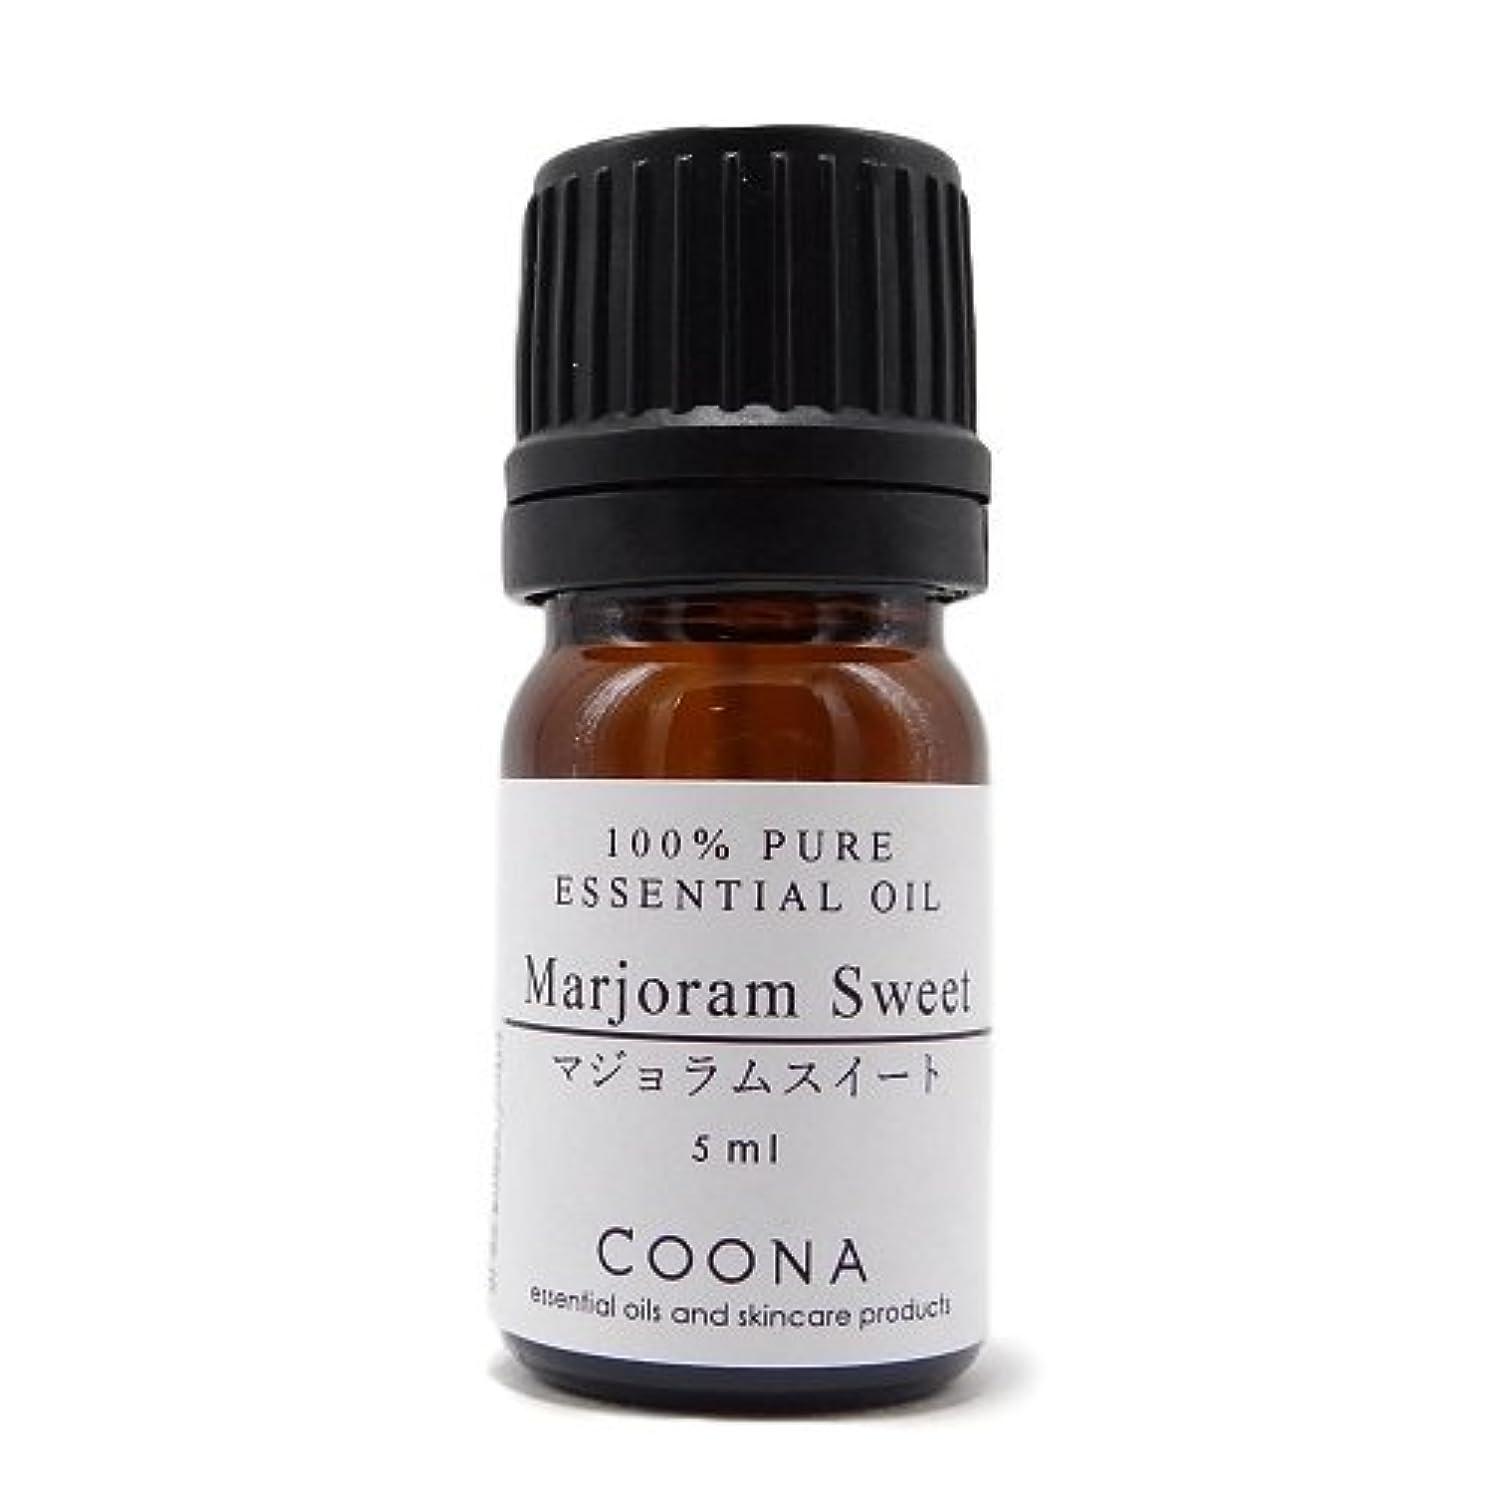 ハイブリッドもちろんなかなかマジョラム スイート 5 ml (COONA エッセンシャルオイル アロマオイル 100%天然植物精油)